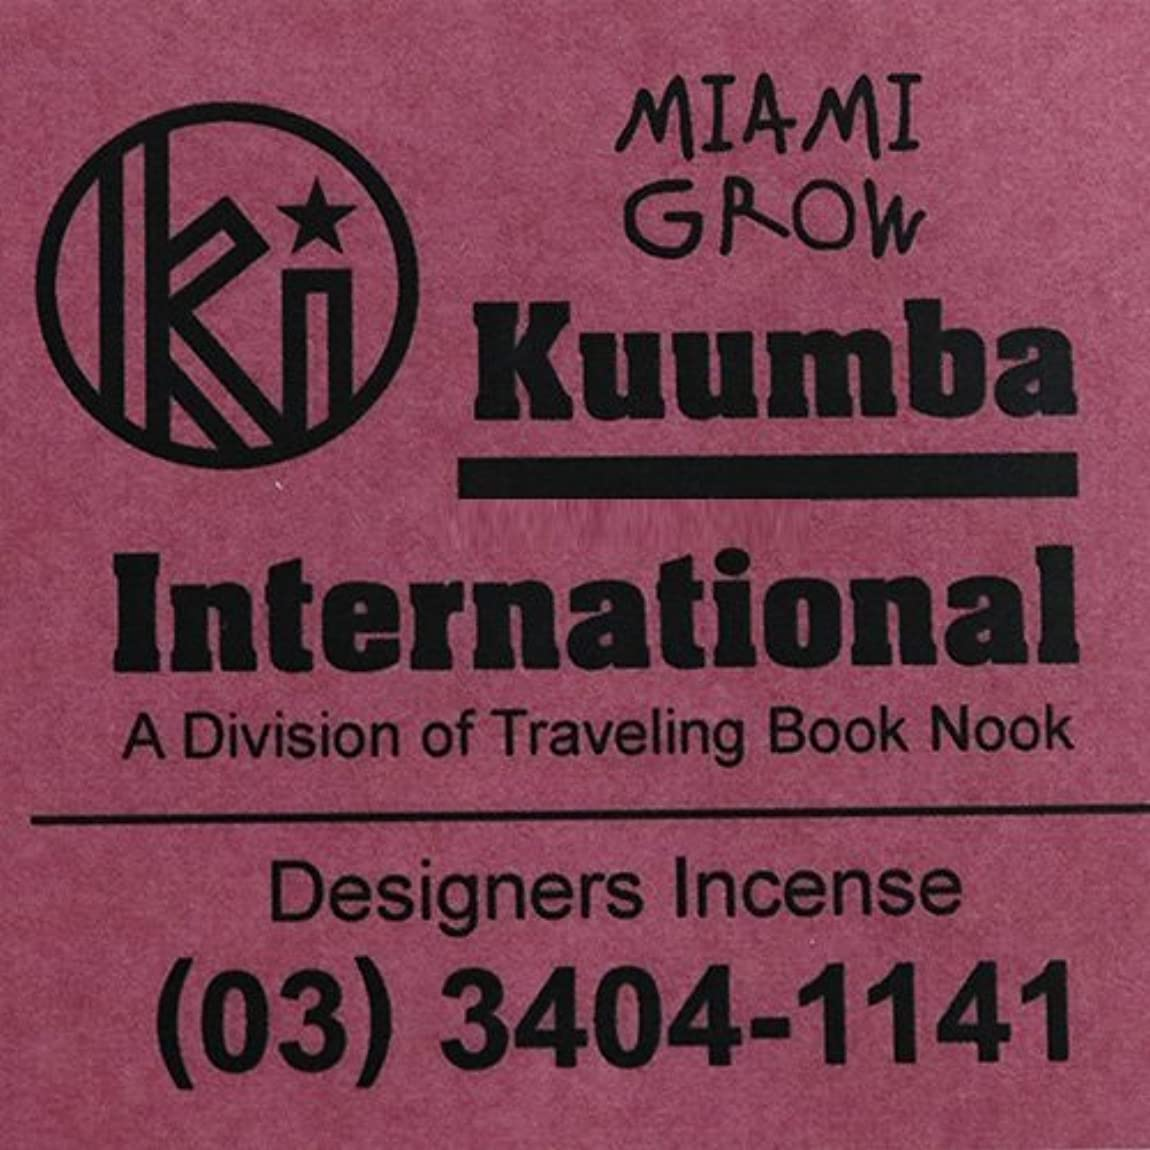 副正しく変成器(クンバ) KUUMBA『incense』(MIAMI GROW) (Regular size)